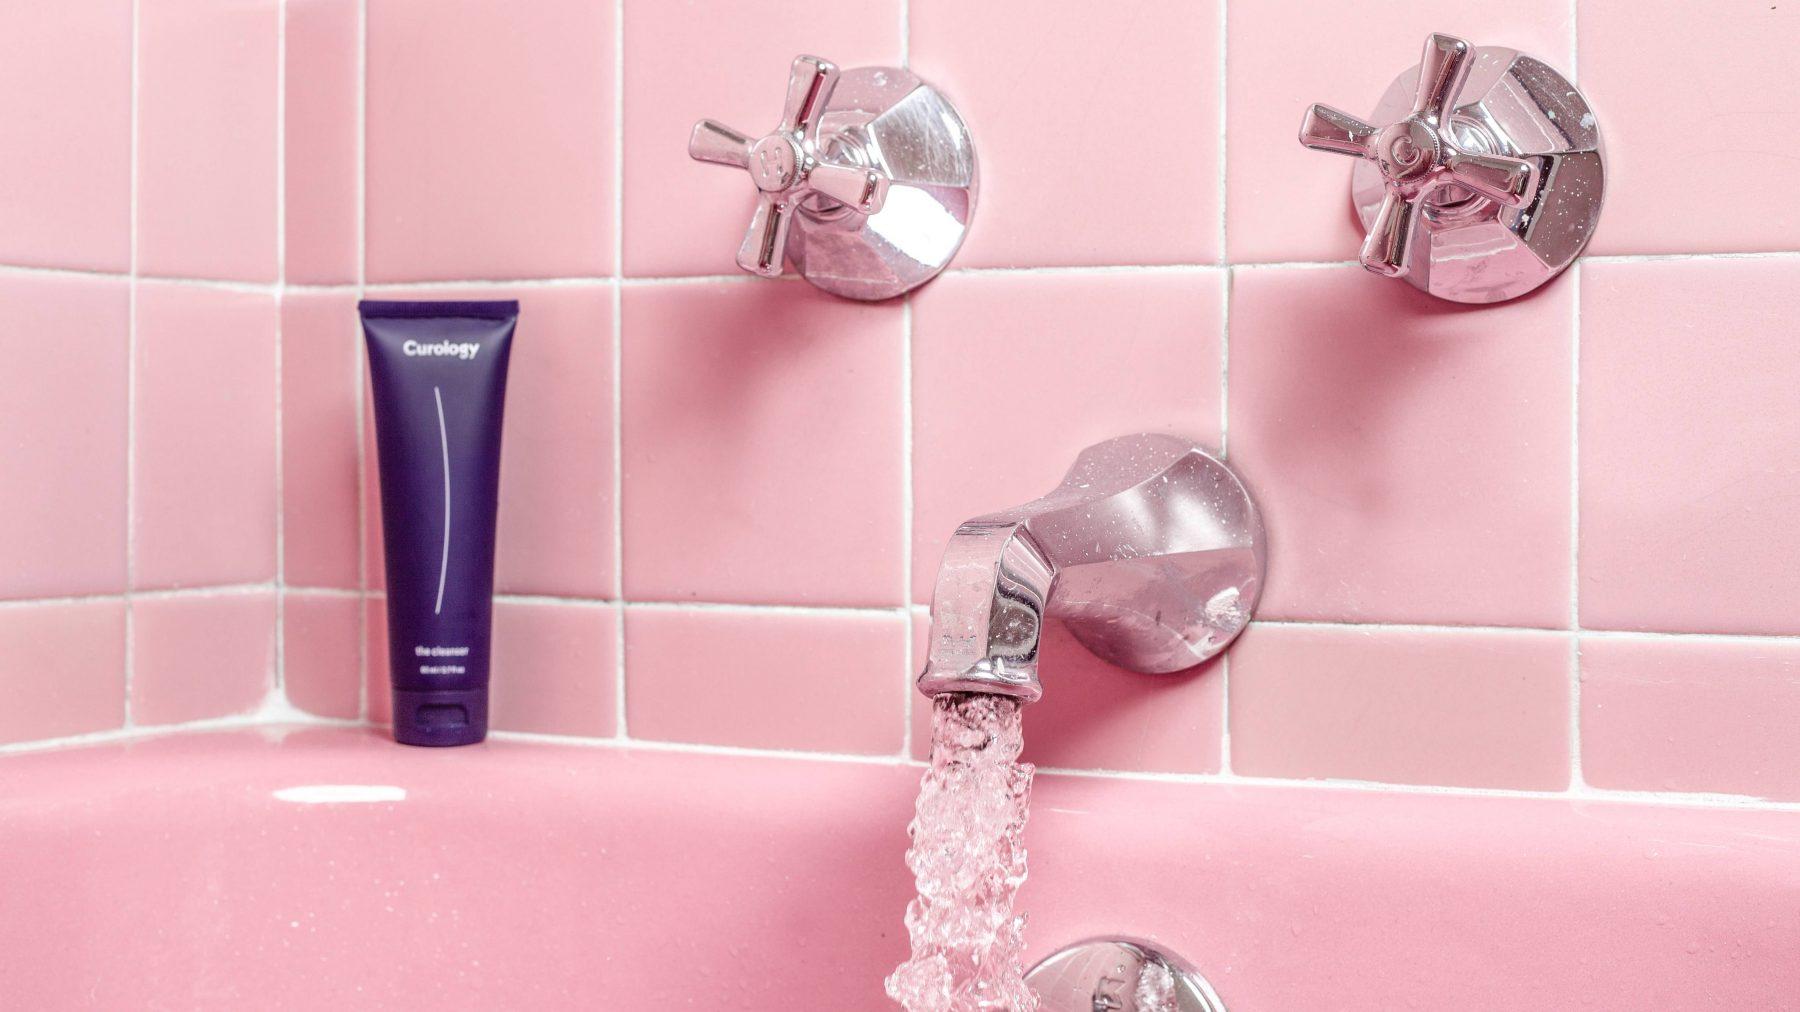 Laat dat doucheschuim maar staan: dit is waarom je nu zo'n droge huid hebt